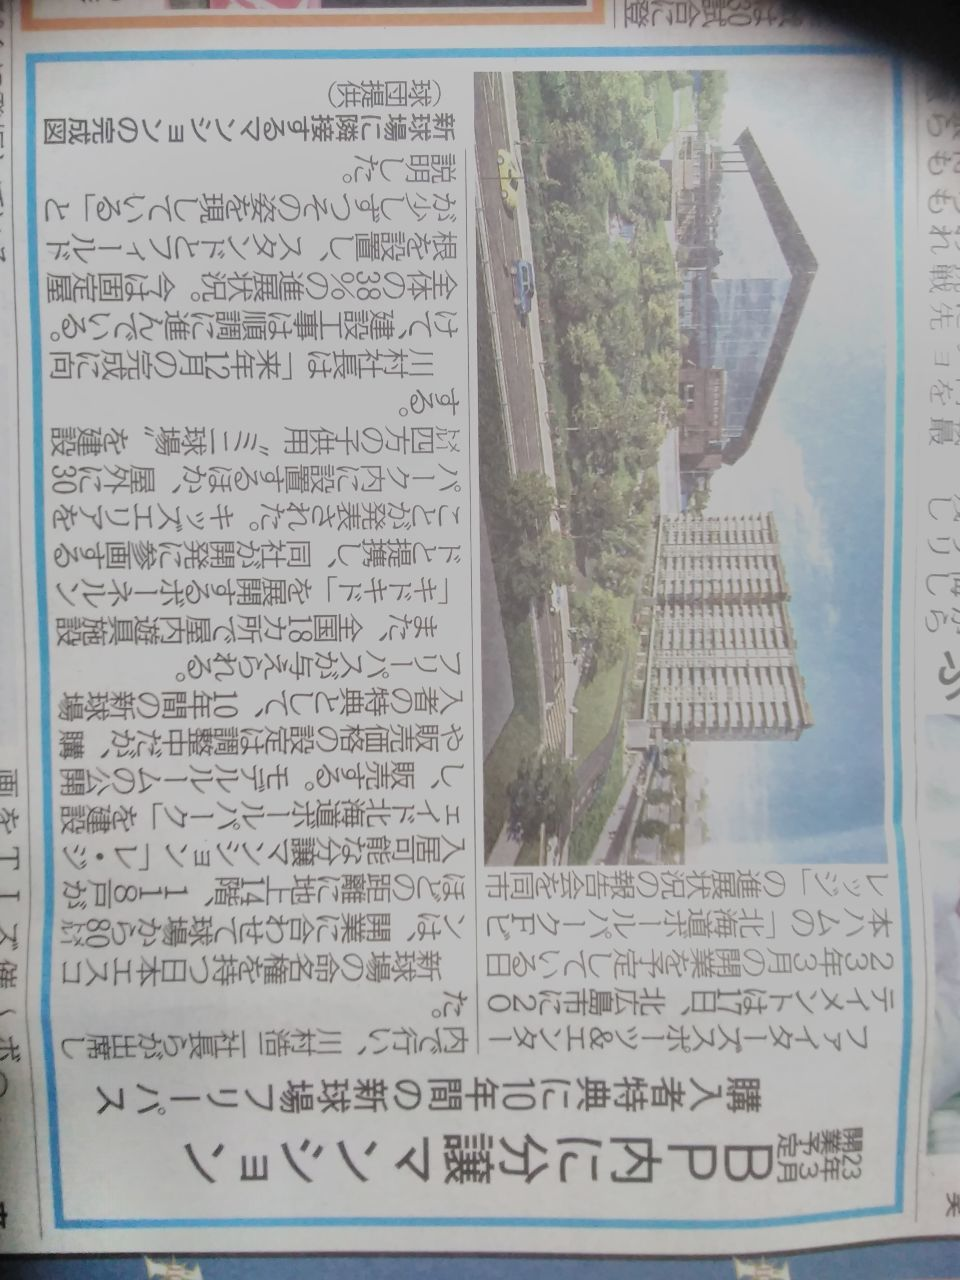 8892 - (株)日本エスコン おはようございます。  道新スポーツに、ボールパーク内で建設、販売する分譲マンションの話題が載ってい